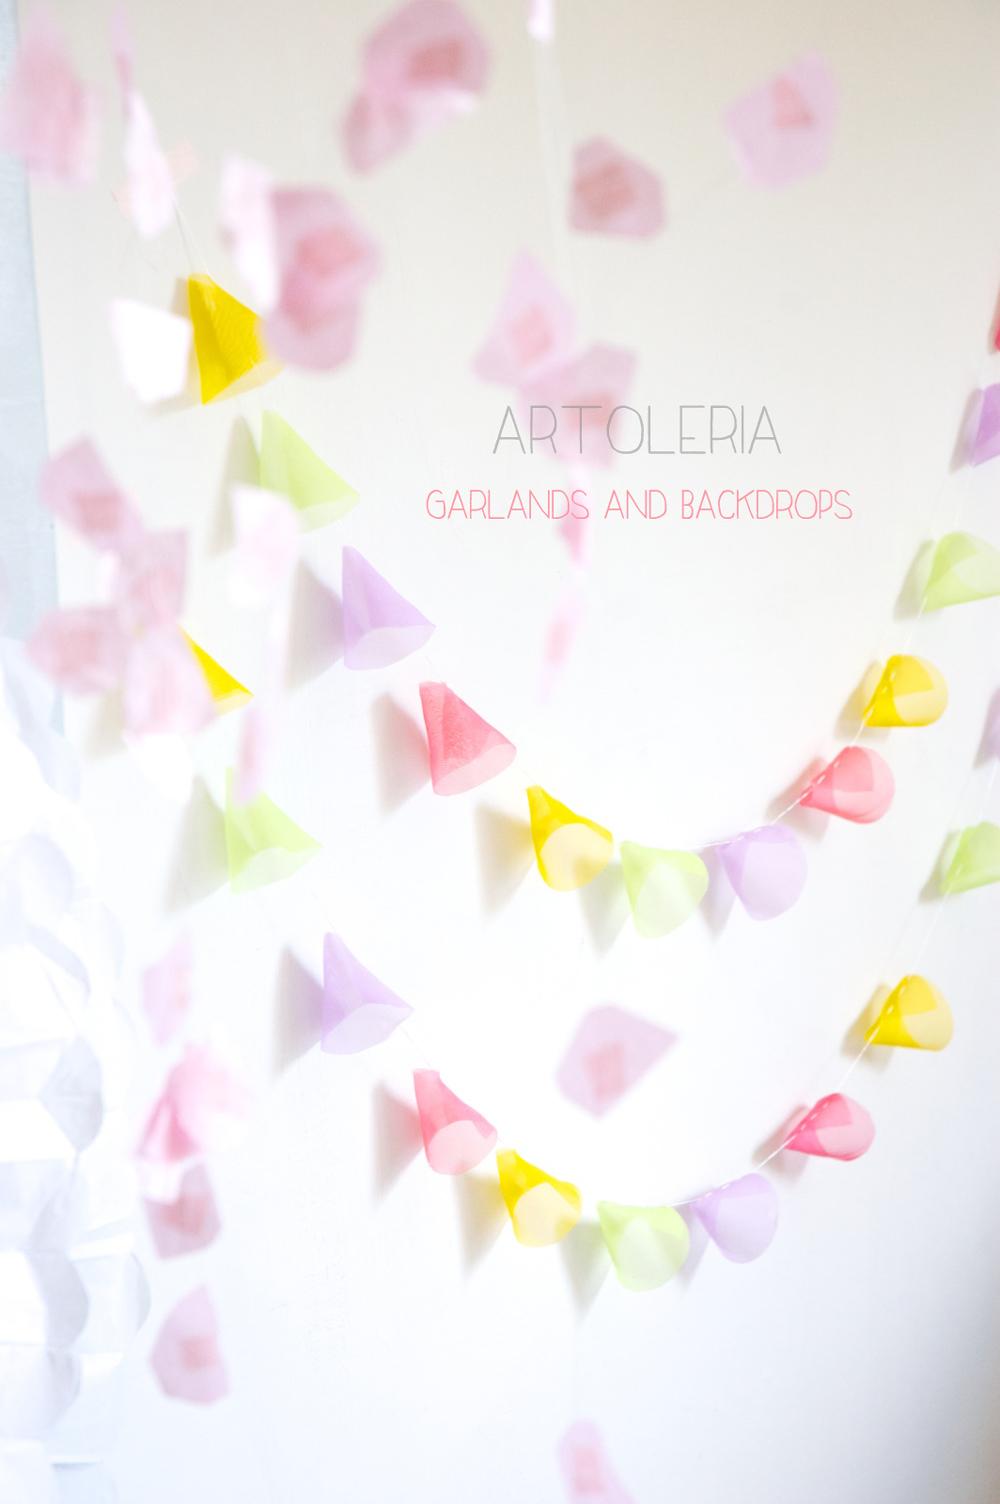 decor and creative backdrops Artoleria